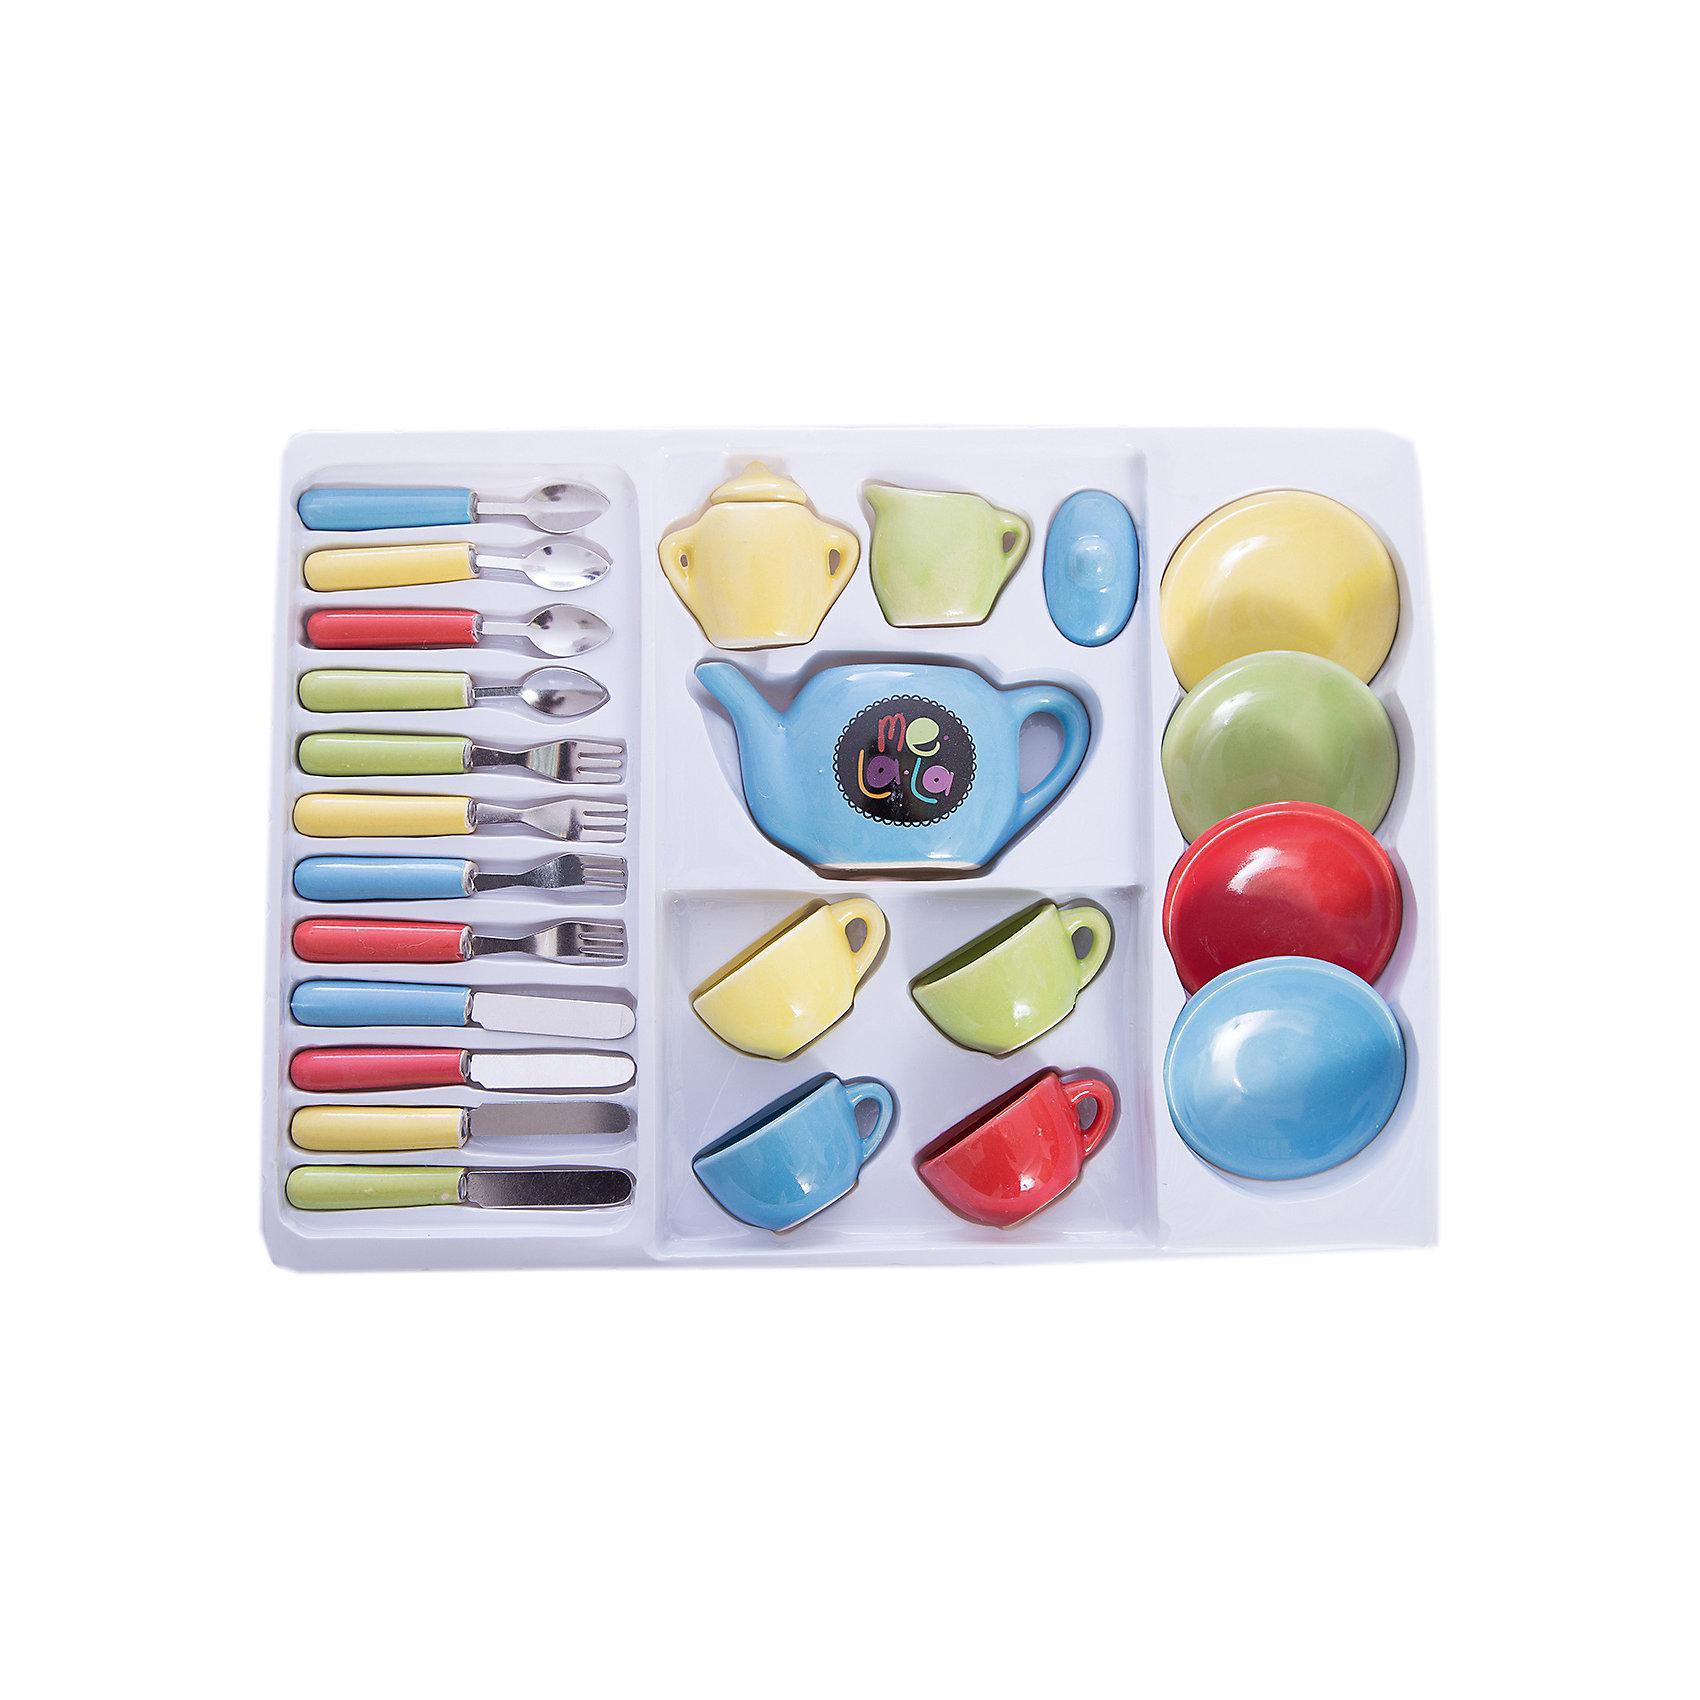 Набор керамической посудки MeLaLa  Званый ужин , MeLaLaНабор керамической посудки MeLaLa Званый ужин, MeLaLa.<br><br>Характеристики:<br><br>• содержит всё необходимое для чаепития<br>• реалистичные предметы<br>• рассчитан на 4 персоны<br>• в комплекте: 4 кружки, 4 тарелки, 4 ложки, 4 вилки, 4 ножа, чайник, крышечка для чайника, молочник, сахарница, крышечка для сахарницы<br>• материал: керамика, металл, пластик<br>• размер упаковки: 23х5,5х32,5 см<br>• вес: 204,5 грамма<br><br>Званый ужин - восхитительный набор для кукольного чаепития. Он содержит 25 самых необходимых предметов для званого ужина на четыре персоны. Ребенок сможет предложить своим игрушкам вкусный чай, молоко, ужин и даже десерт. Все предметы очень похожи на настоящие, и девочка почувствует себя настоящей хозяйкой, принимающей гостей!<br><br>Набор керамической посудки MeLaLa Званый ужин , MeLaLa вы можете купить в нашем интернет-магазине.<br><br>Ширина мм: 325<br>Глубина мм: 55<br>Высота мм: 230<br>Вес г: 204<br>Возраст от месяцев: 36<br>Возраст до месяцев: 120<br>Пол: Женский<br>Возраст: Детский<br>SKU: 5017677